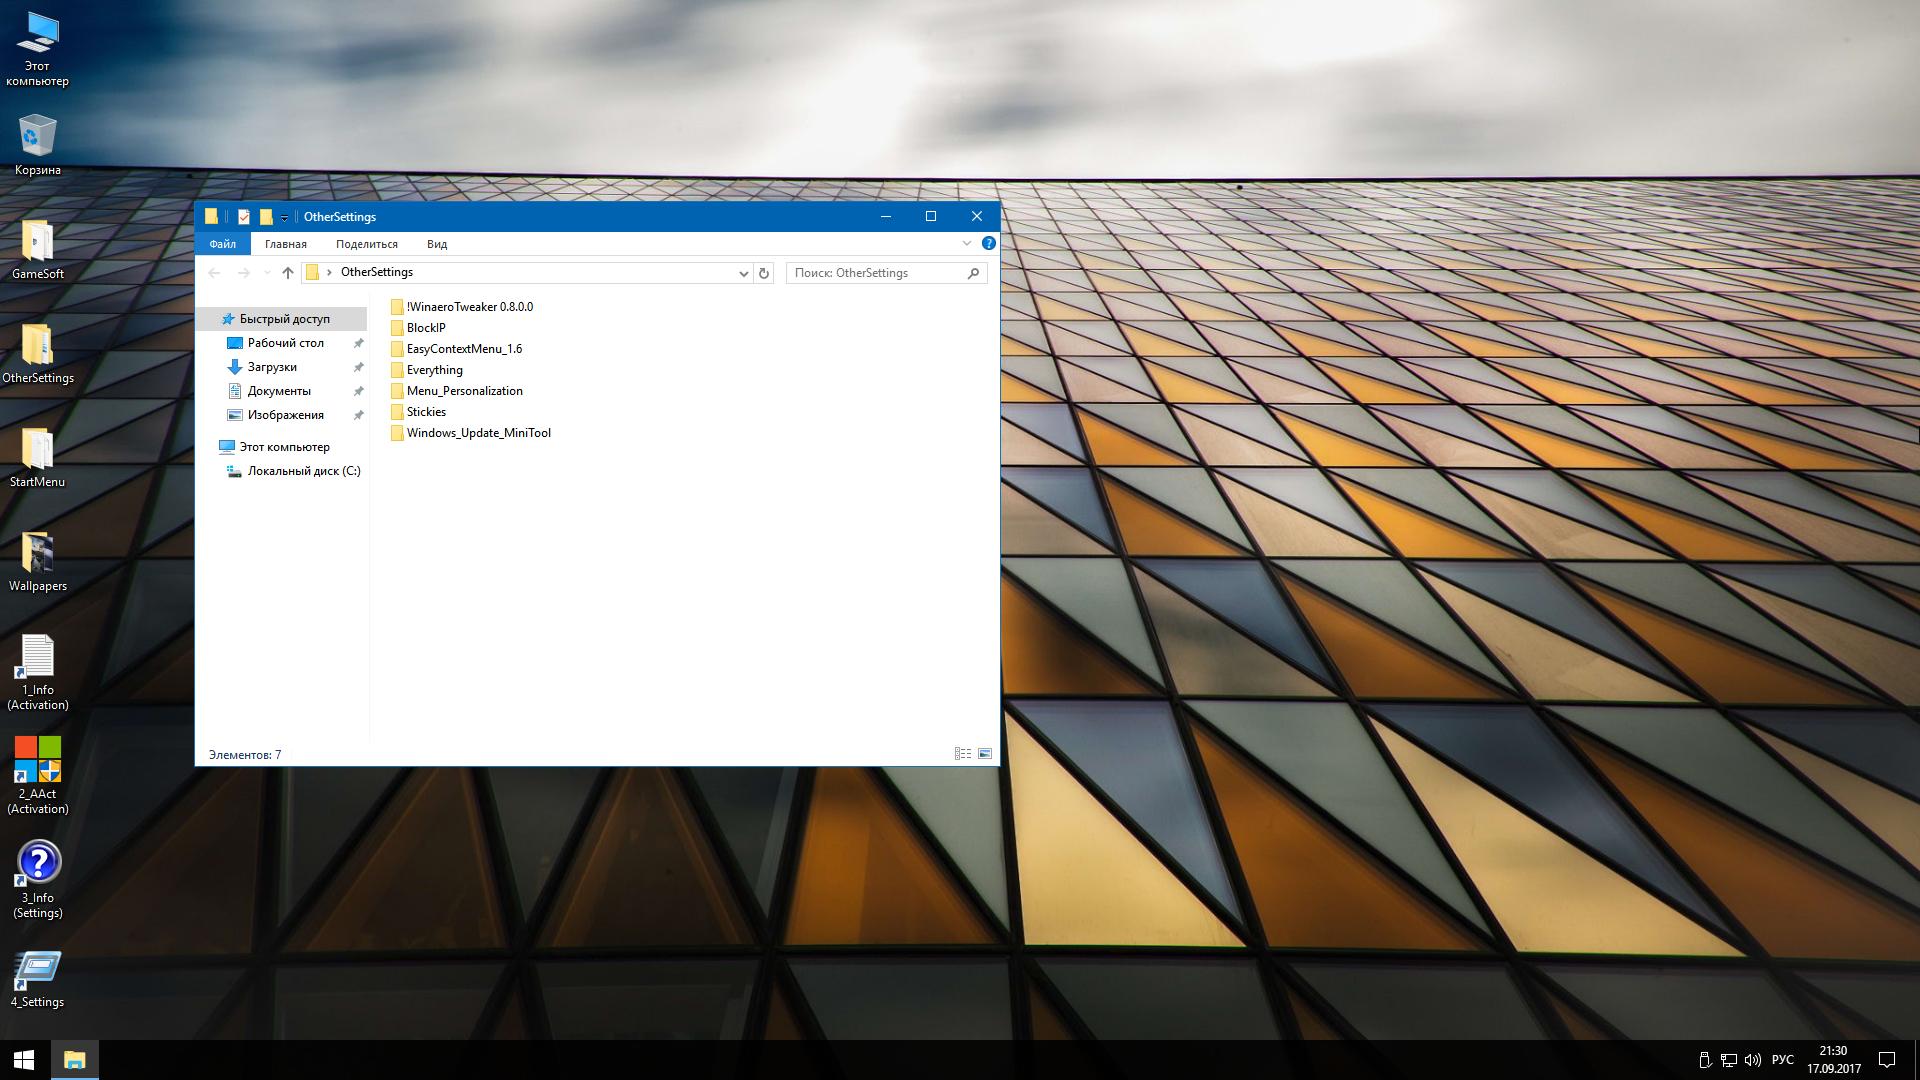 Windows 10 Корпоративная LTSB 2016 v1607 (x86/x64) by LeX_6000 17 09